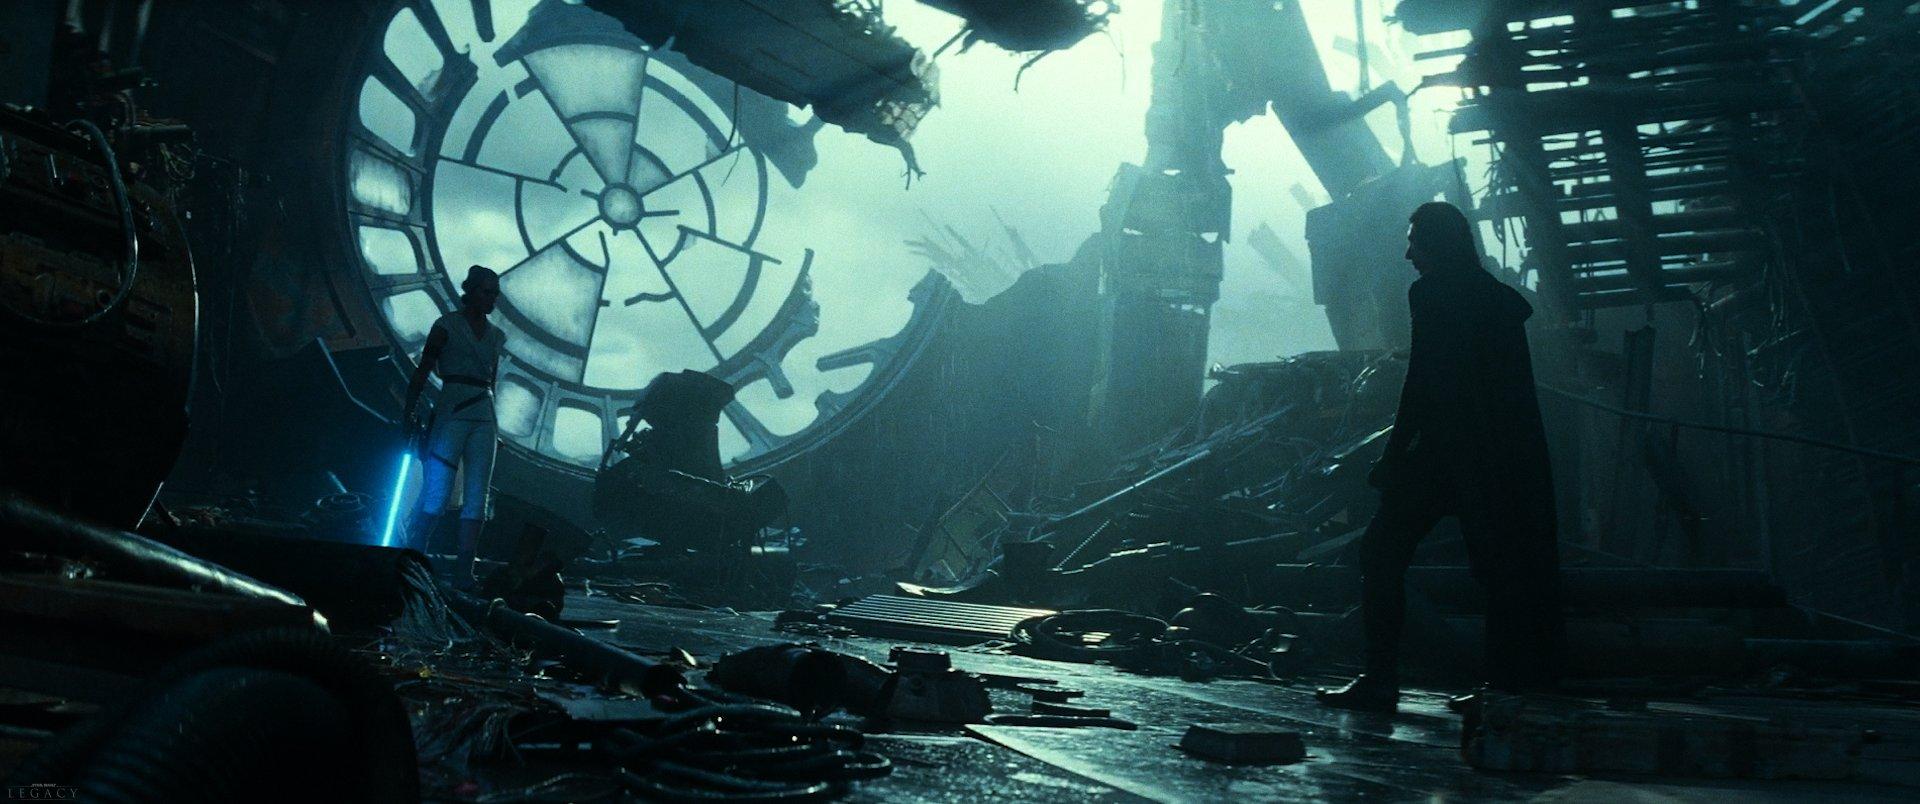 天行者传奇迎来终章 《星球大战9:天行者崛起》终极预告